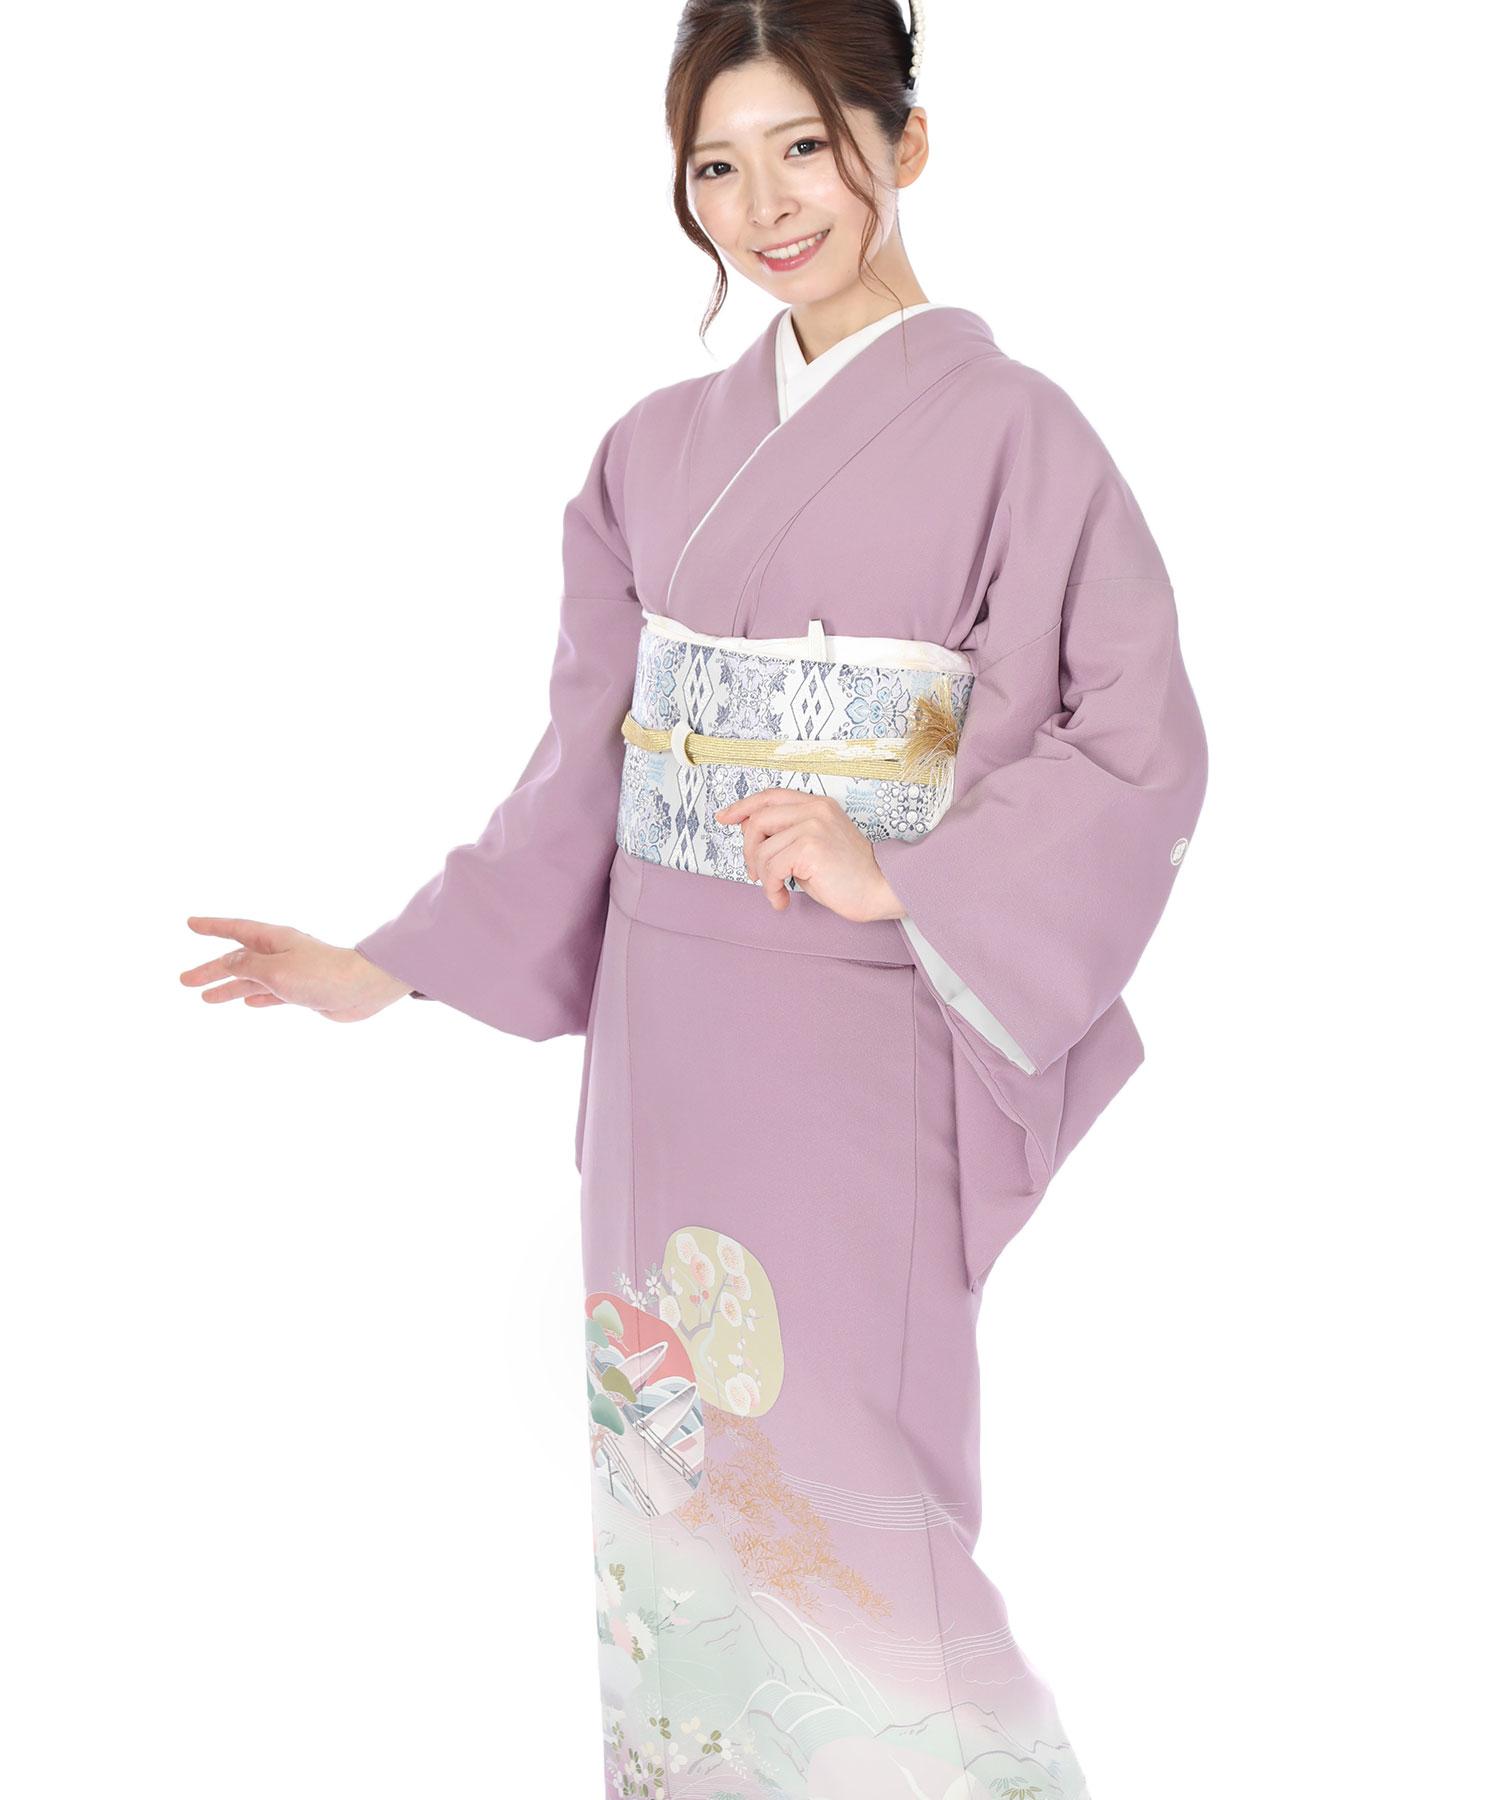 色留袖レンタル|薄葡萄色に梅と松